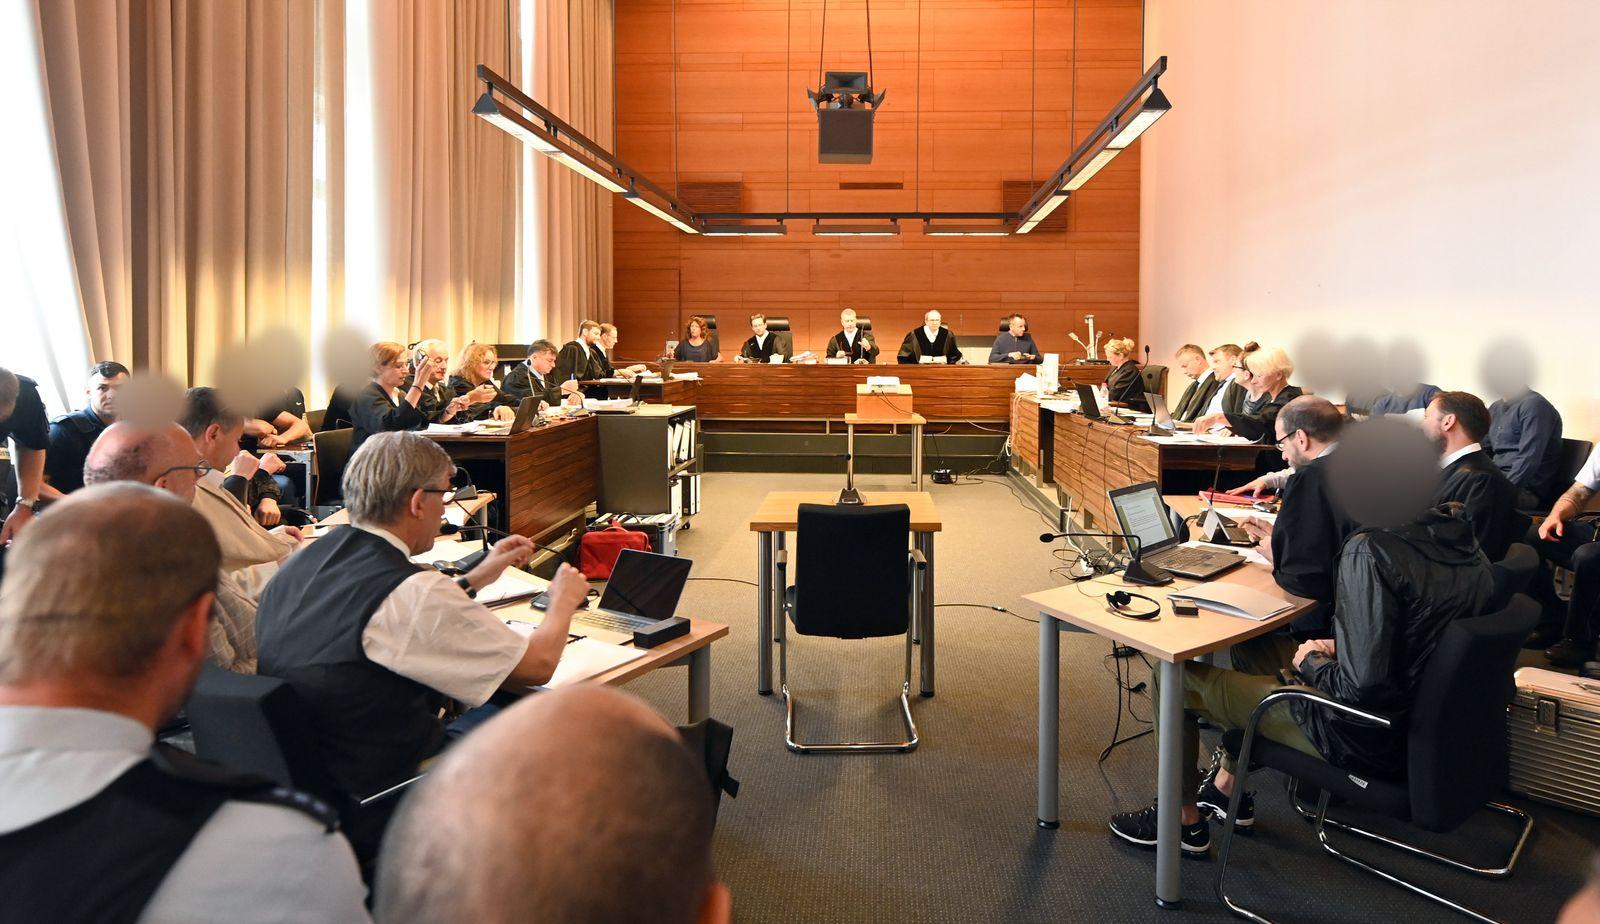 Gruppenvergewaltigung in Freiburg